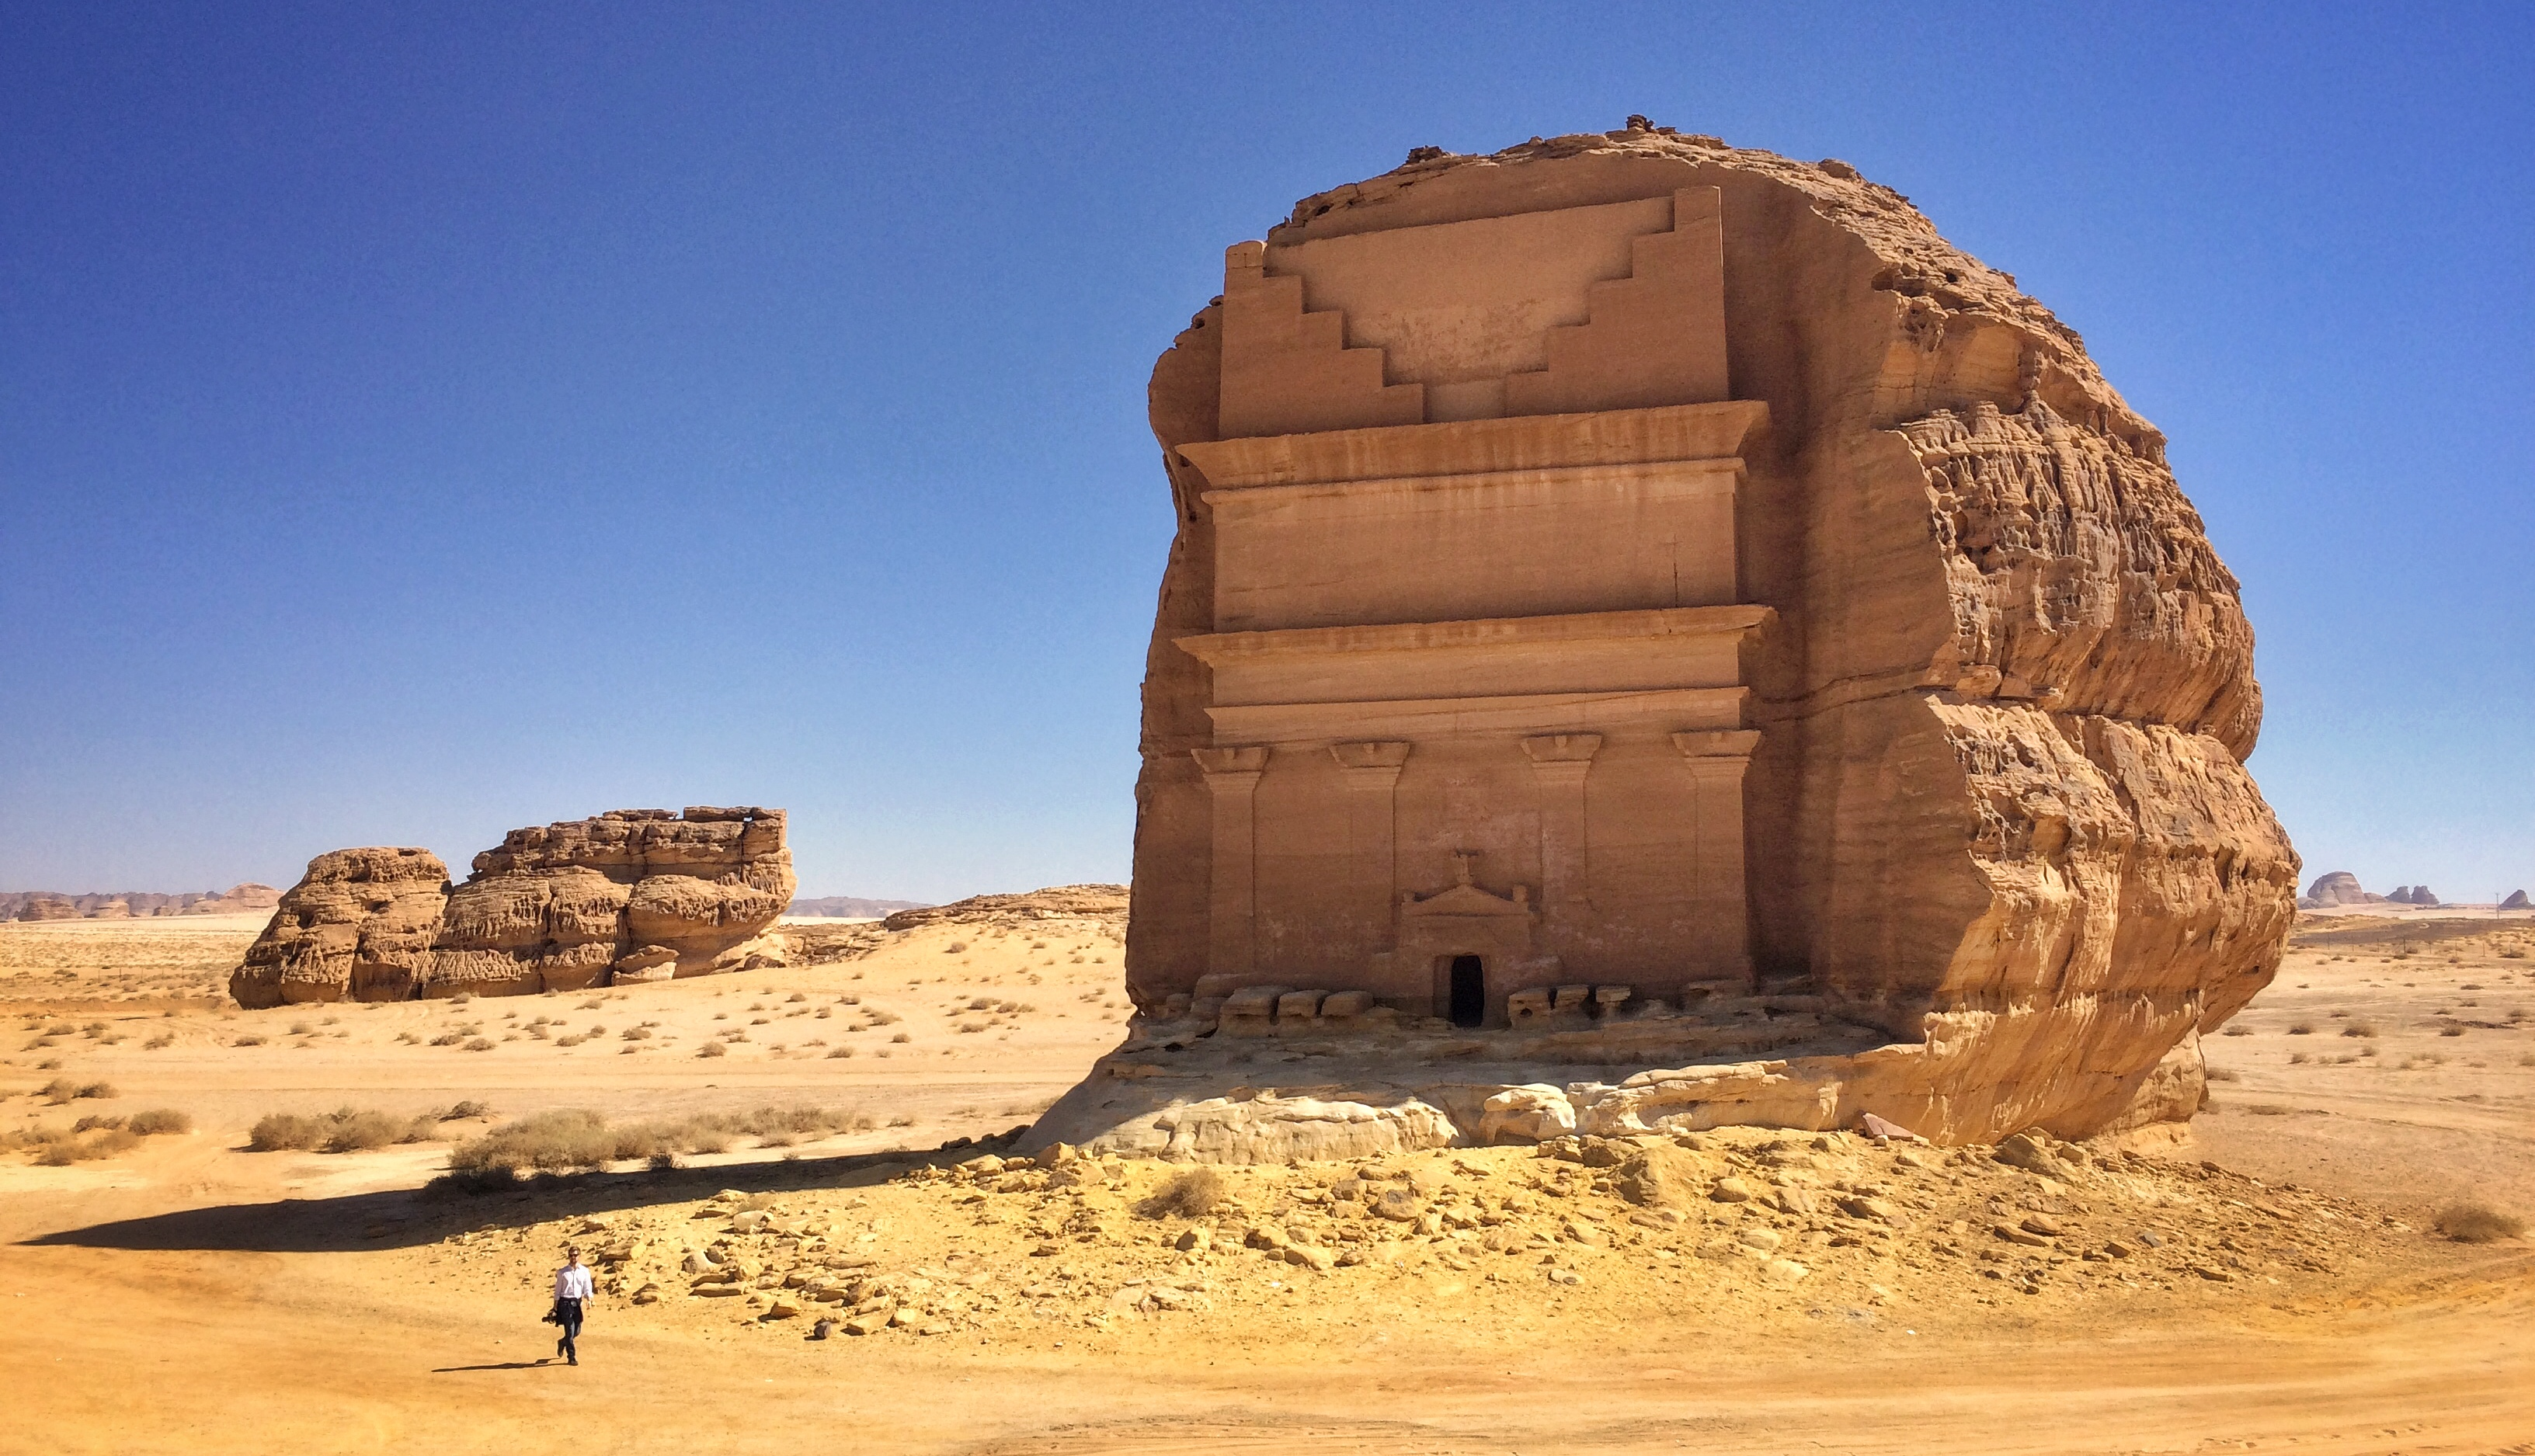 المقومات الحضارية في المملكة العربية السعودية